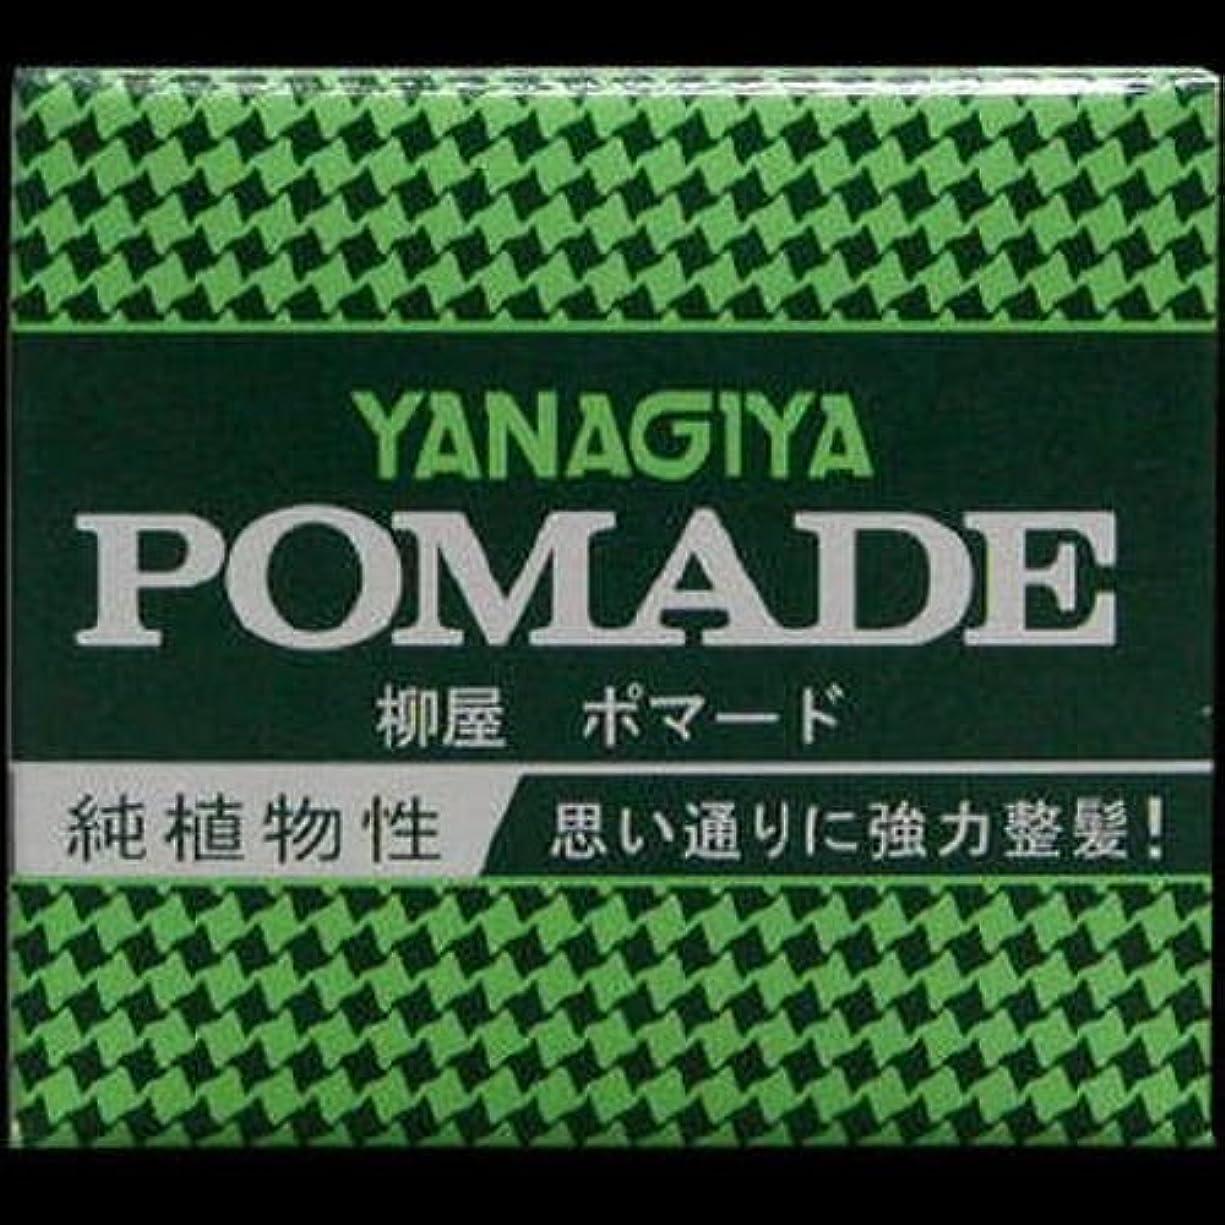 援助する一杯ロードされた【まとめ買い】柳屋 ポマード小 63g ×2セット